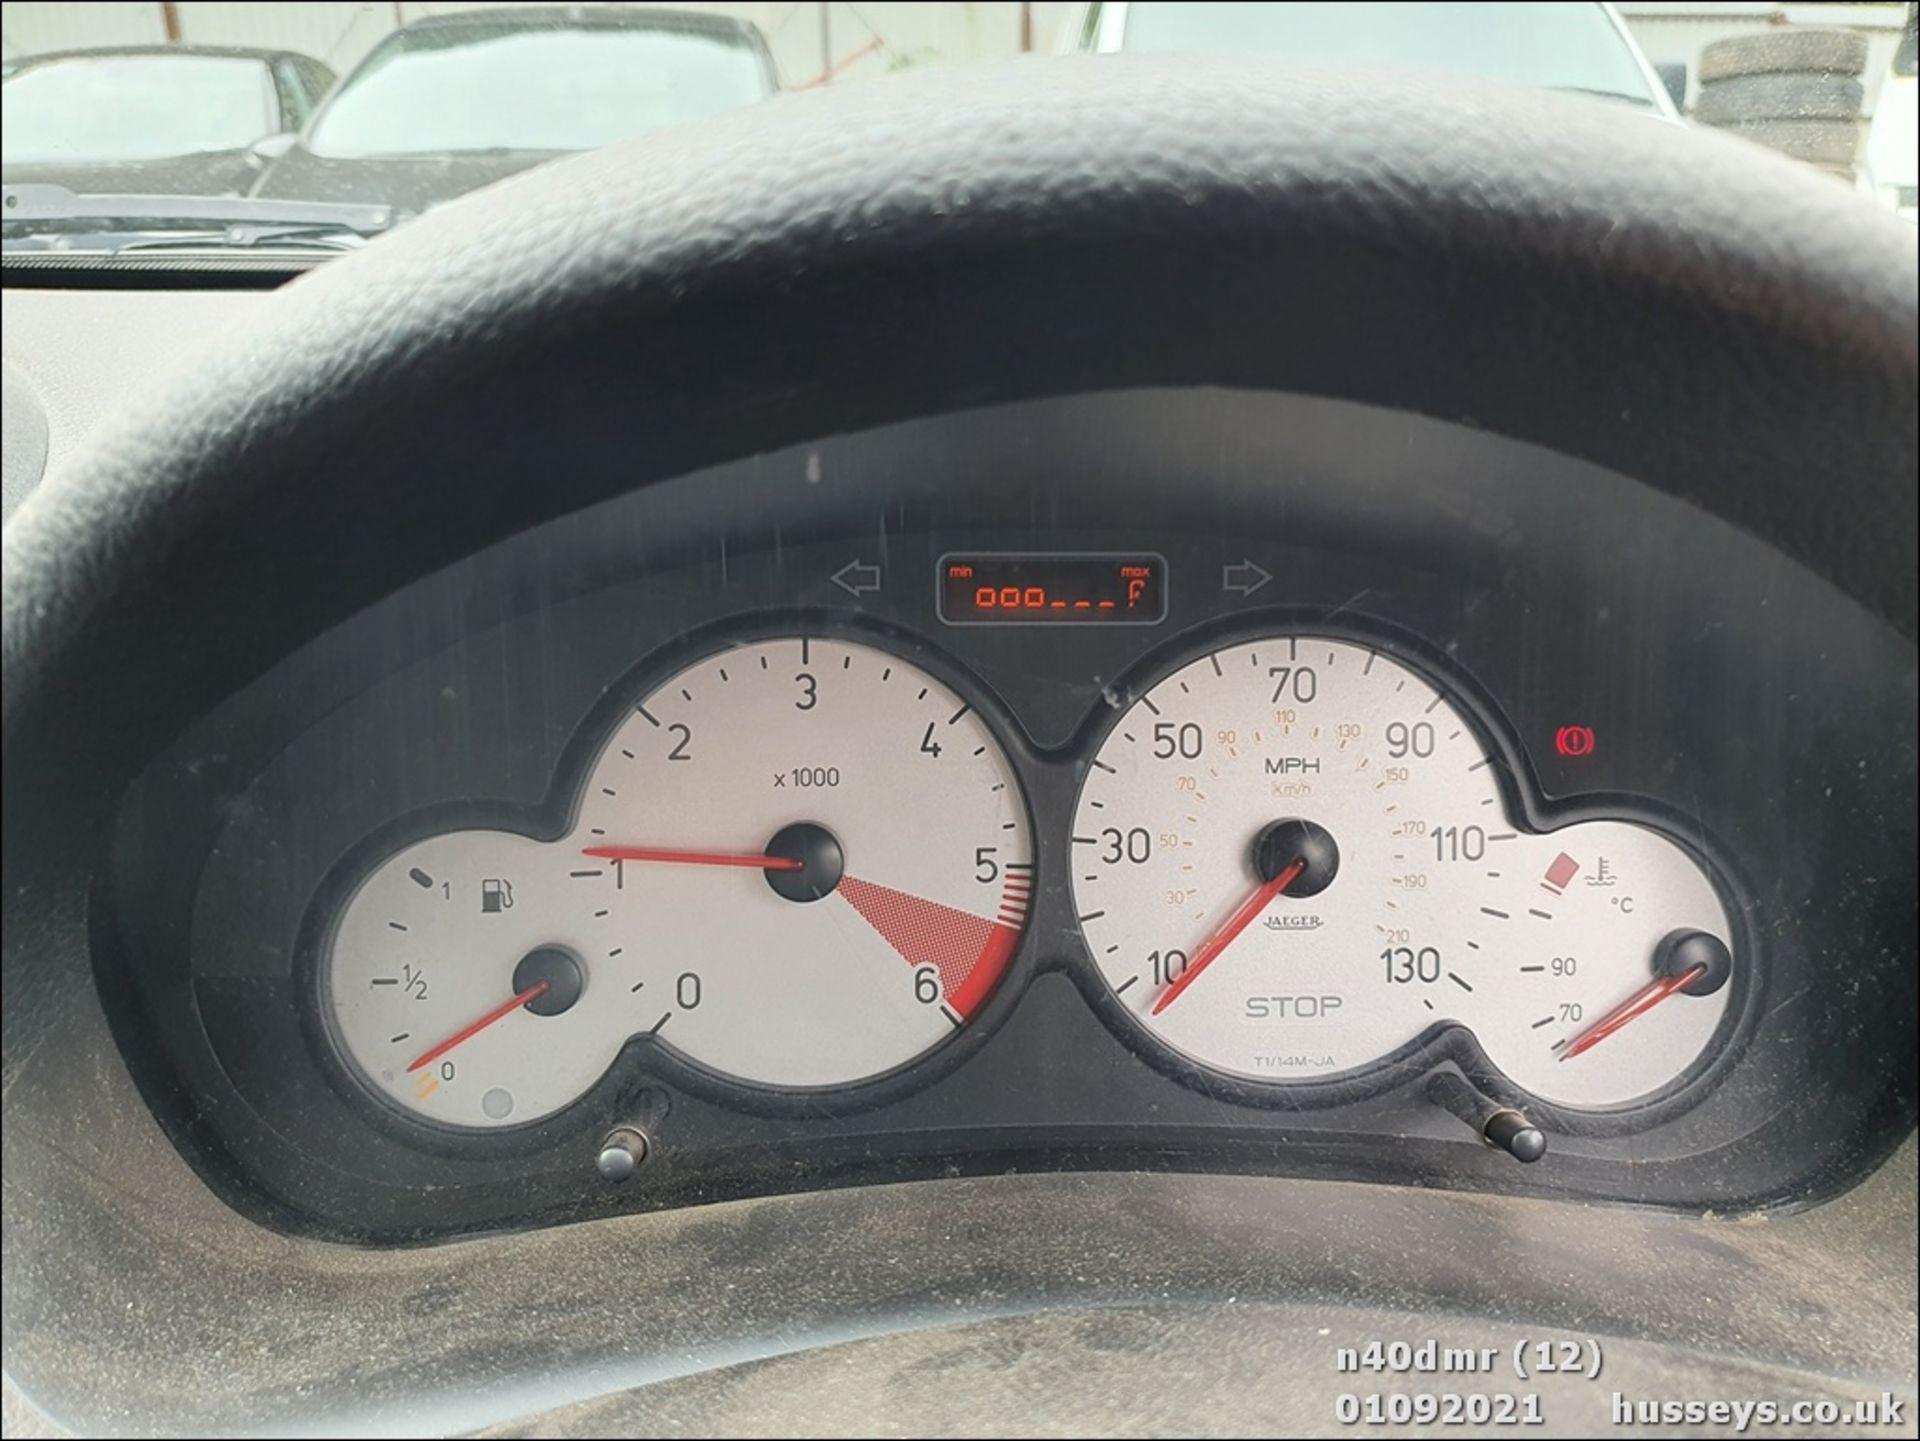 2004 PEUGEOT 206 SW S TD - 1398cc 5dr Estate (Grey, 140k) - Image 22 of 23